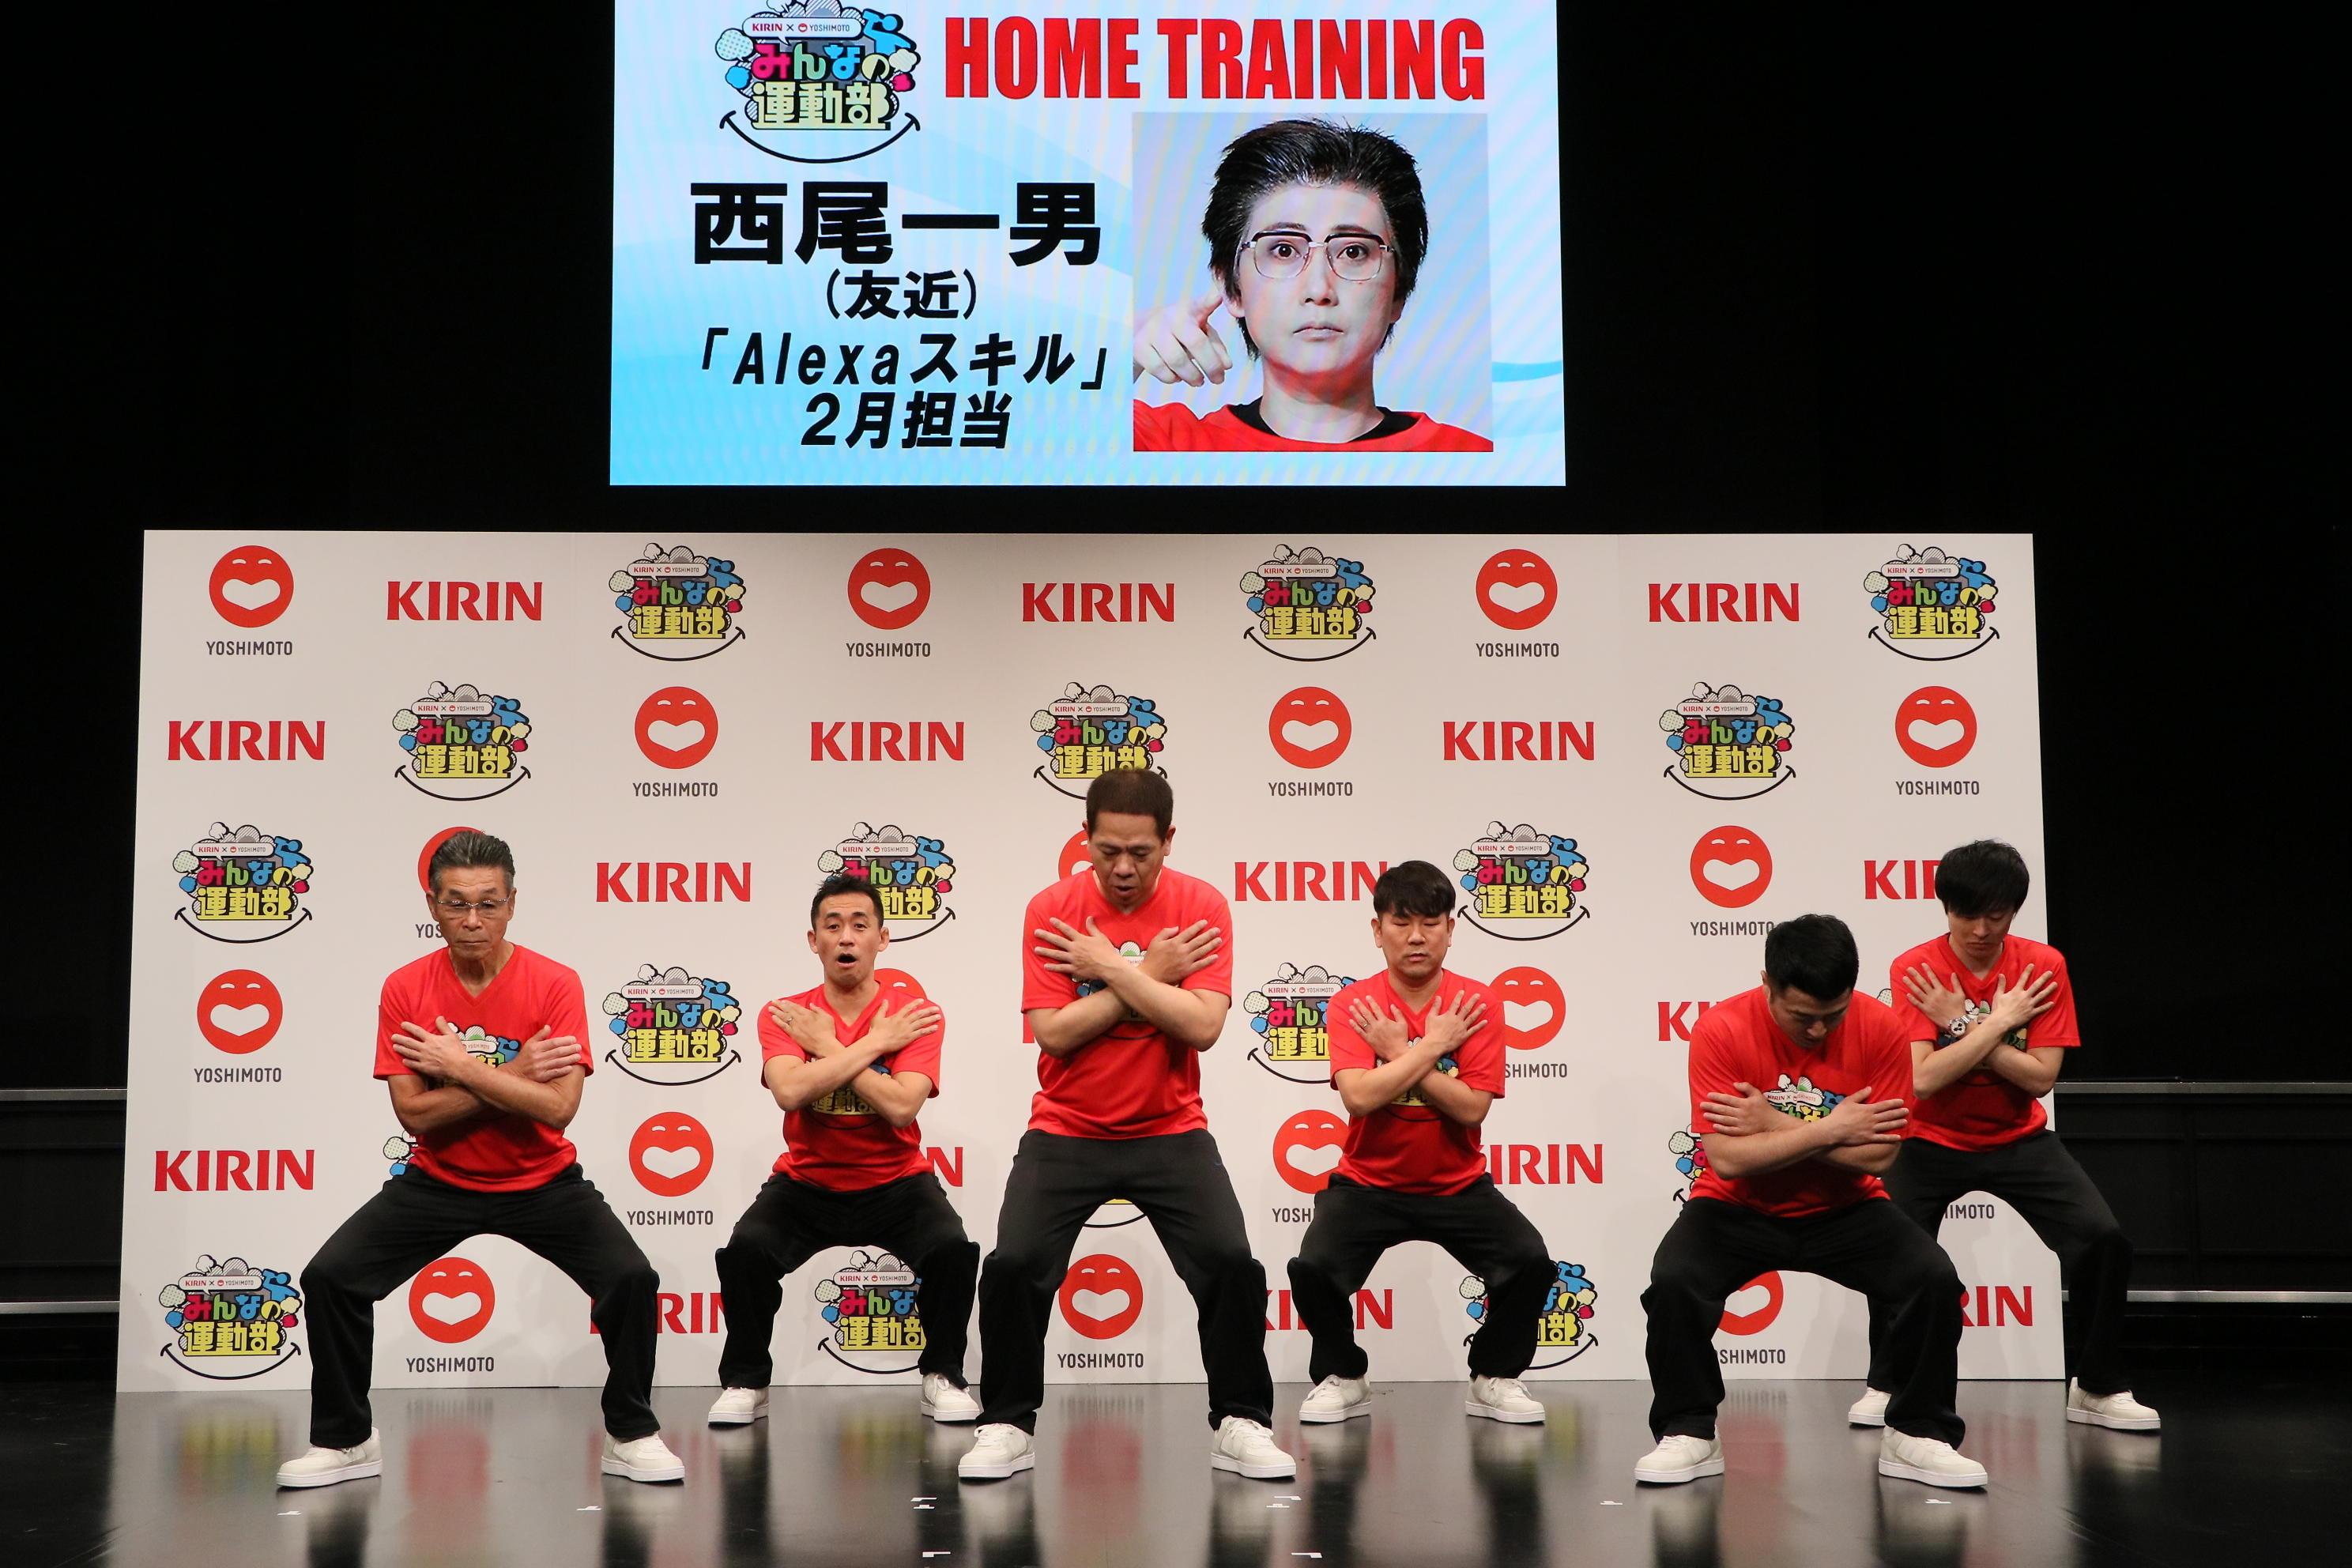 http://news.yoshimoto.co.jp/20190131141440-e9dd835acbc6a47627fba07b614c07f80fe87313.jpg